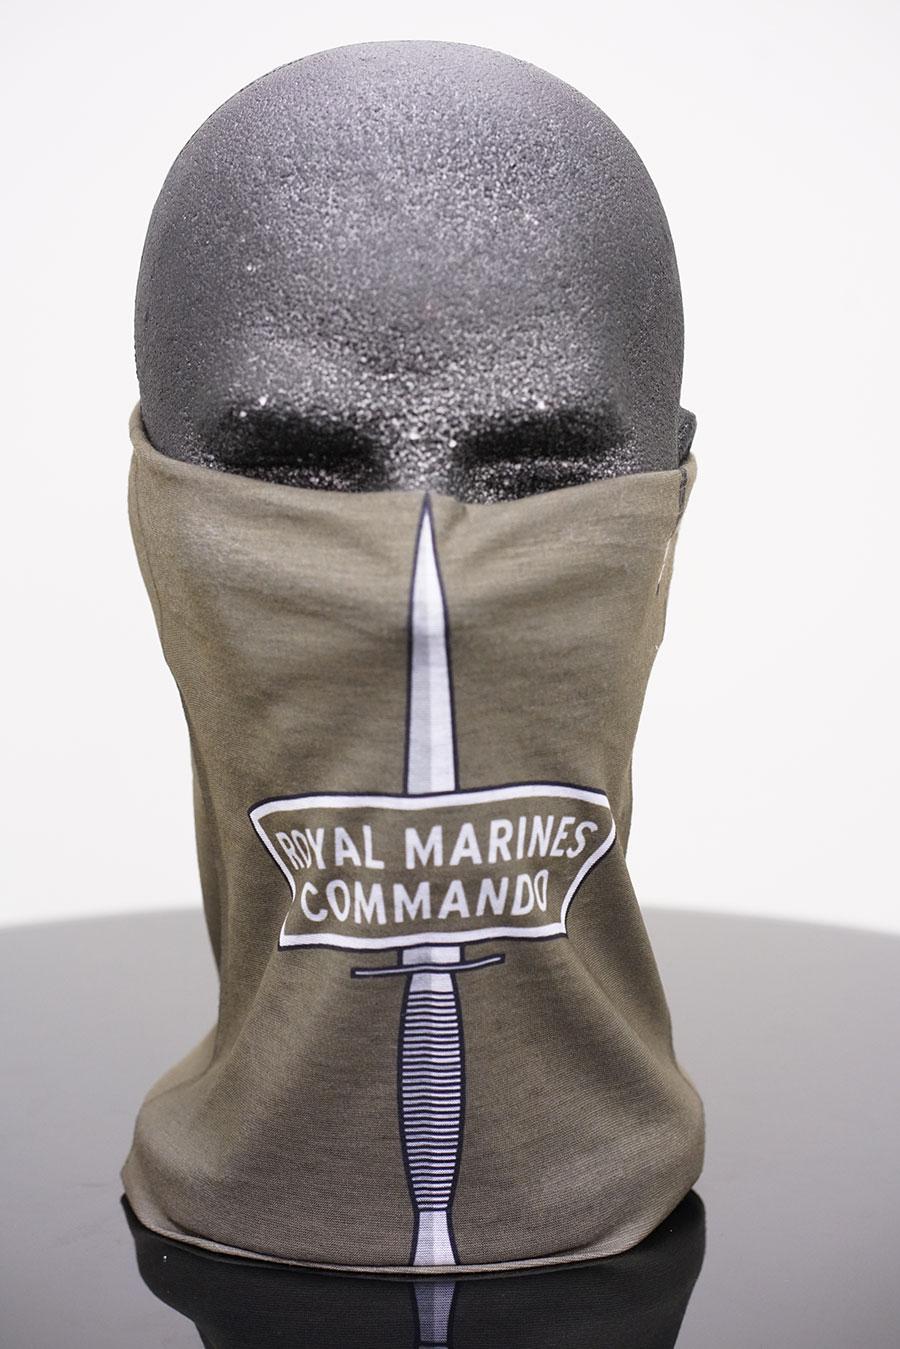 nuances de styles divers quantité limitée Cache cou - Royal Marines